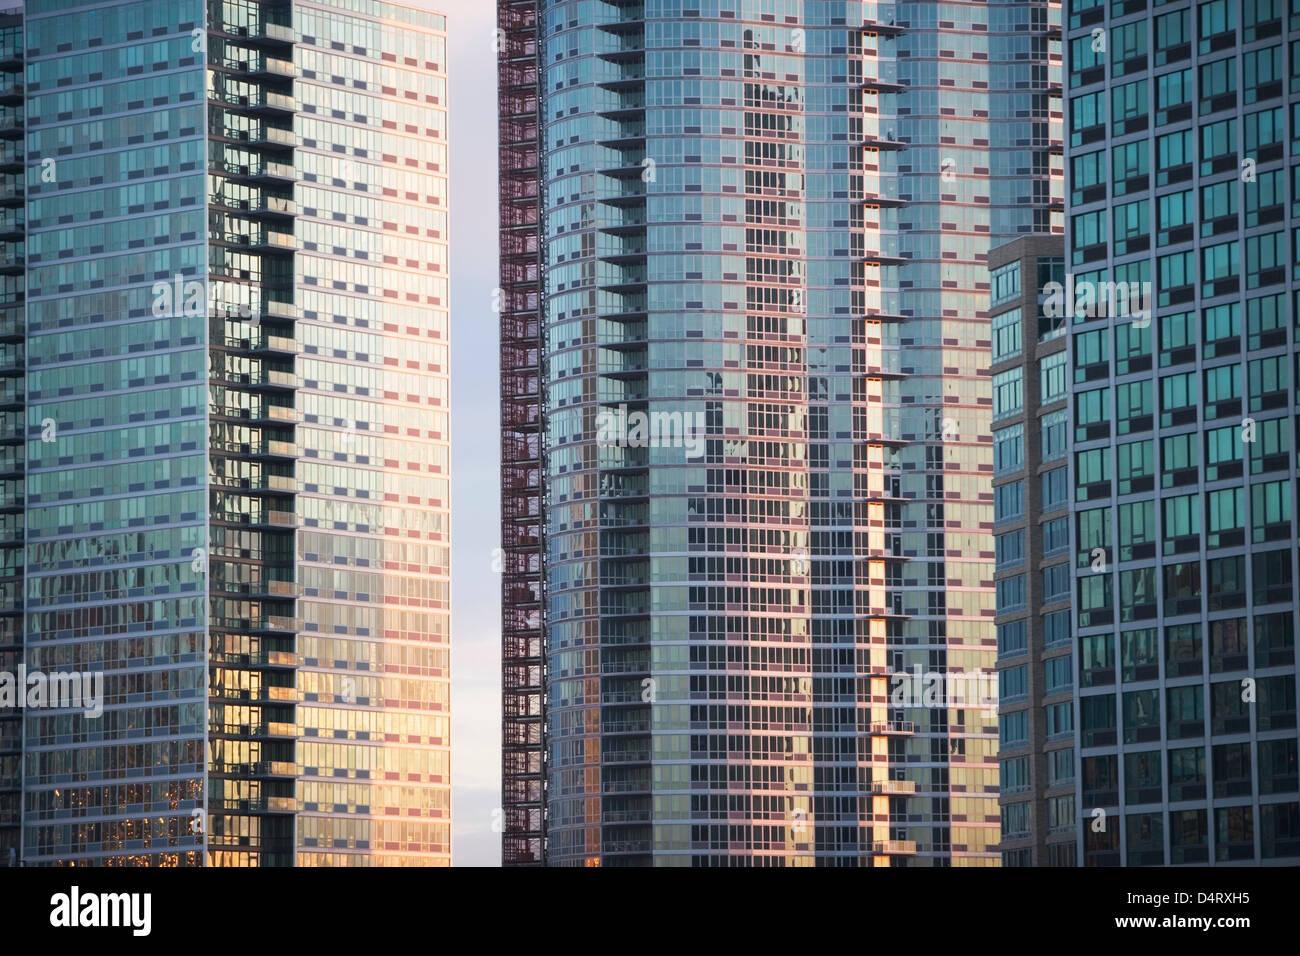 Ventanas de rascacielos urbano Imagen De Stock